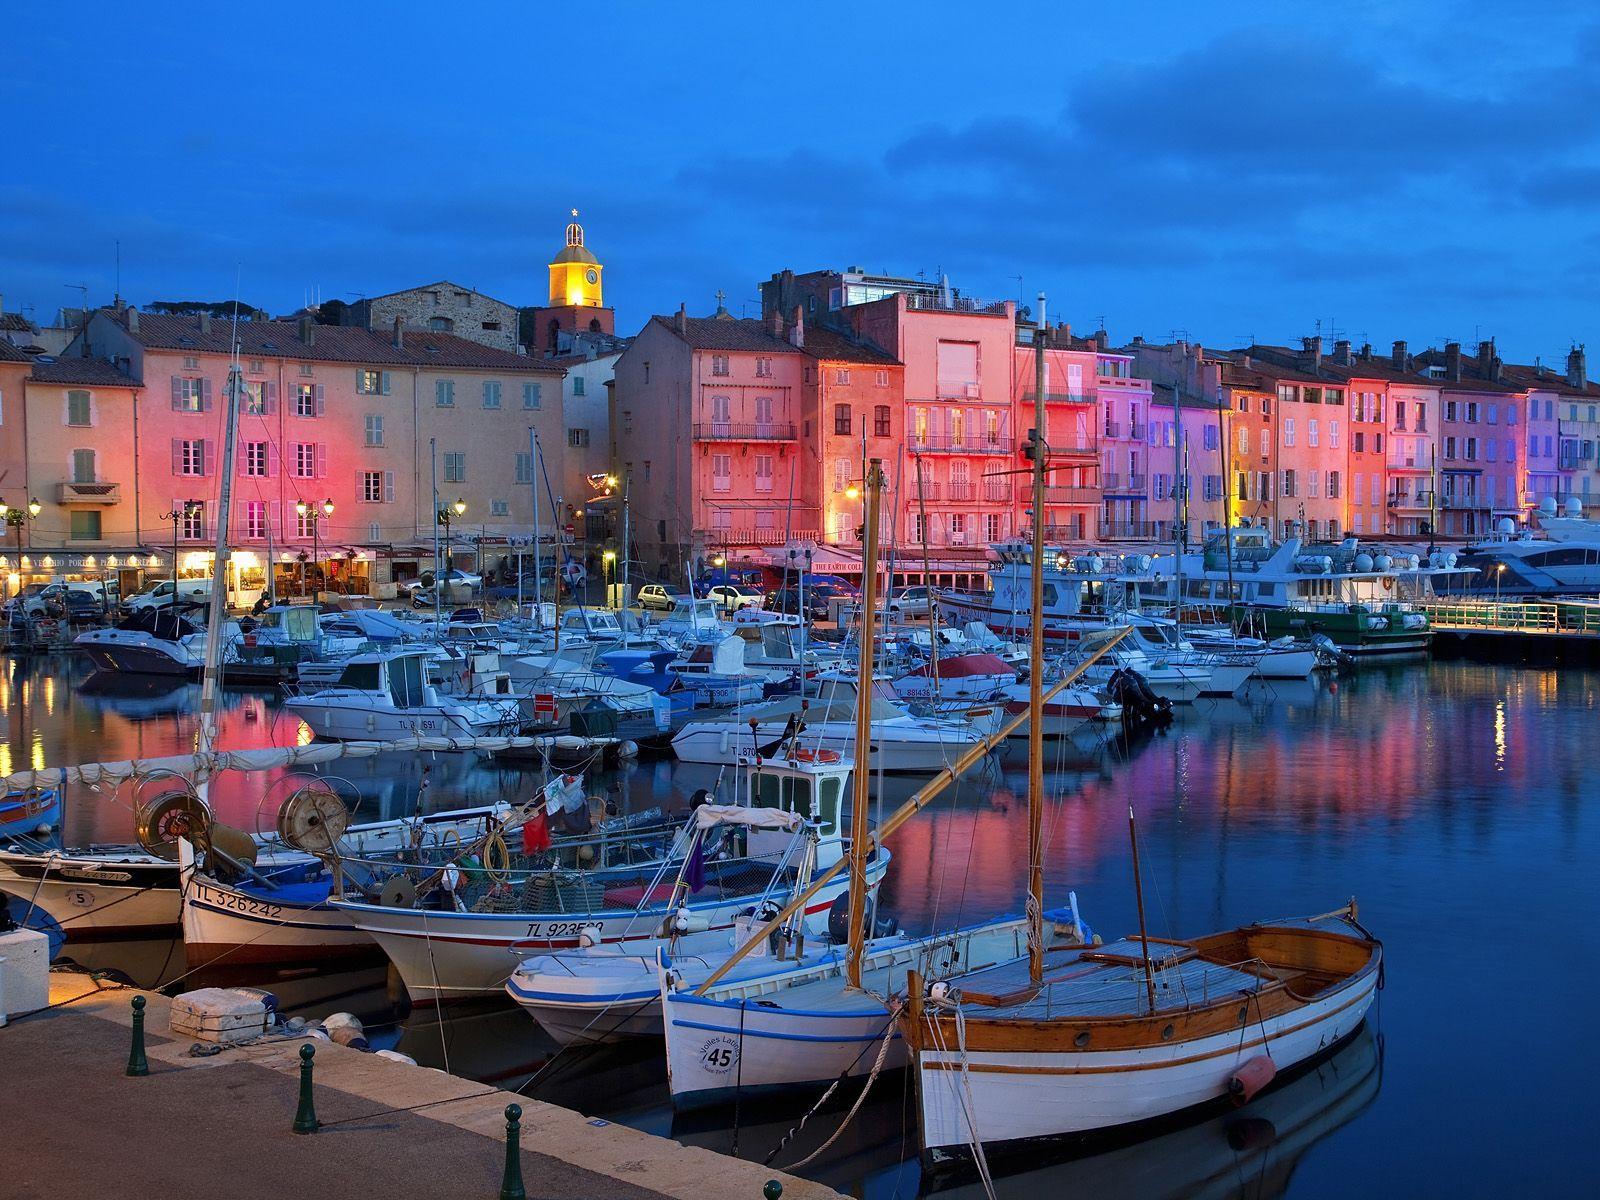 Saint Tropez by night Côte d'azur, Lieux de vacances